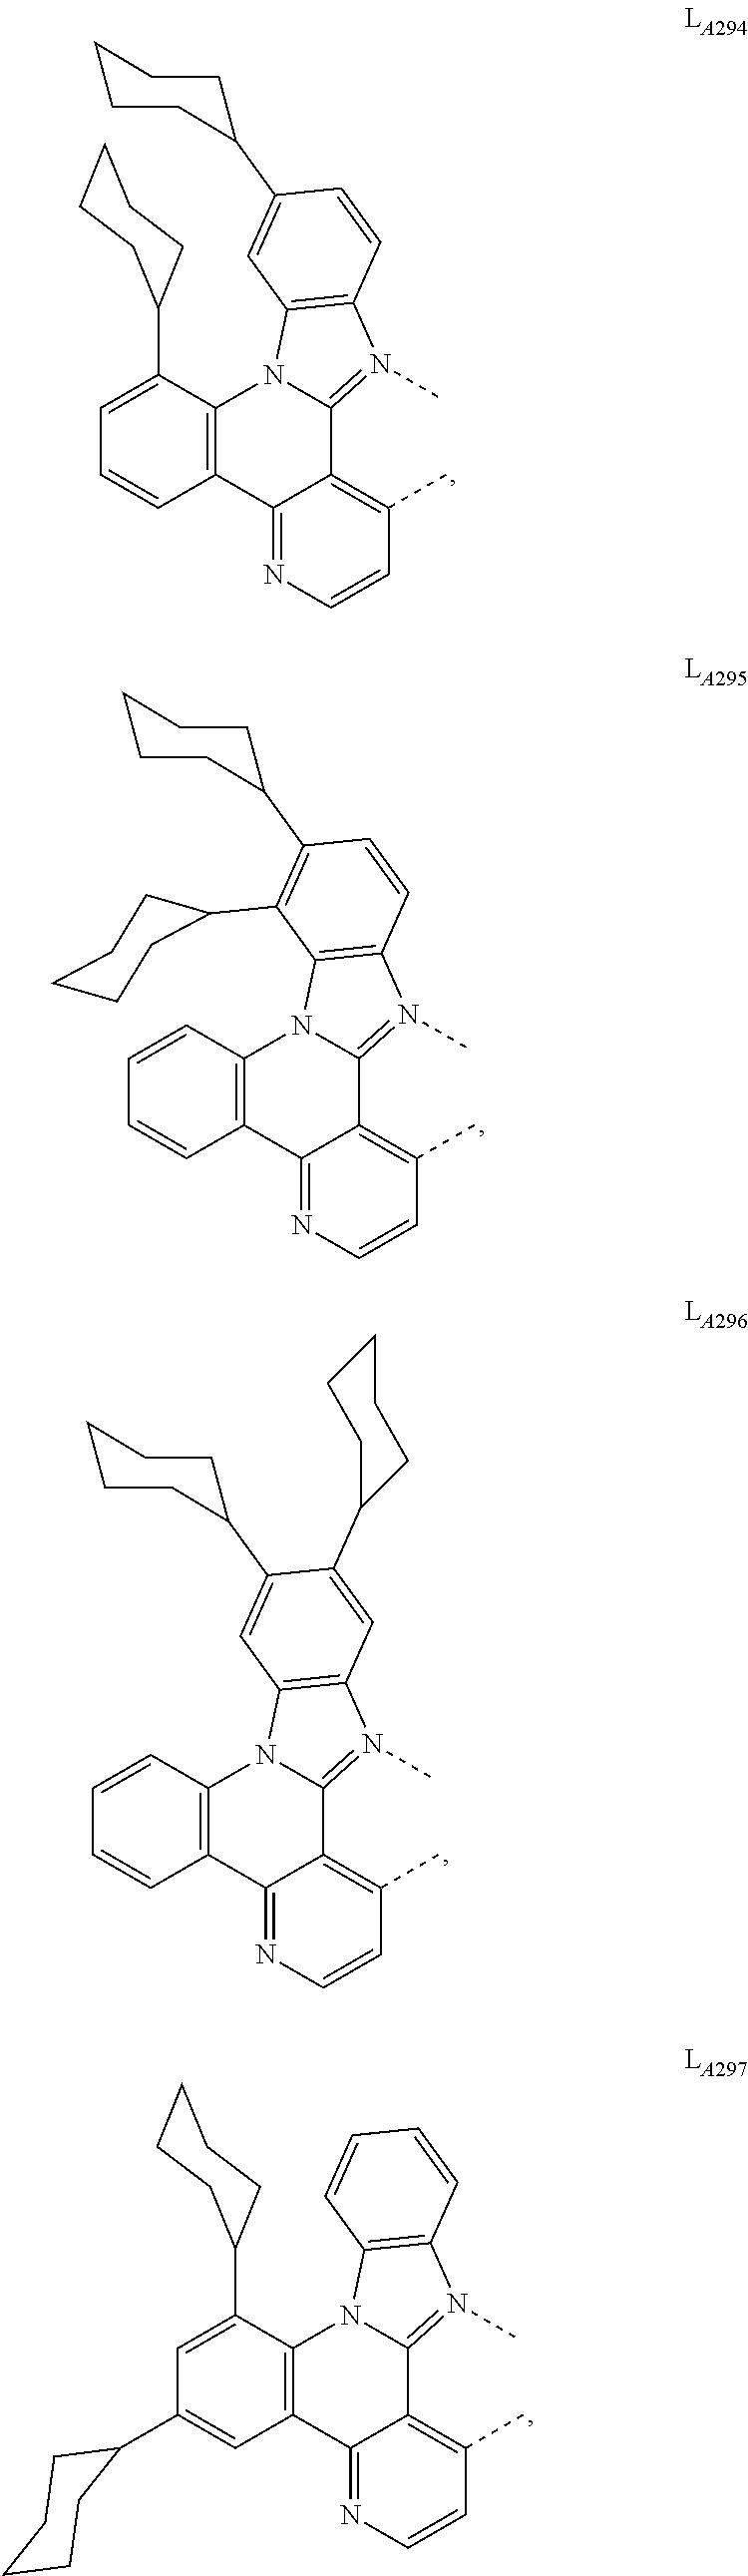 Figure US09905785-20180227-C00094